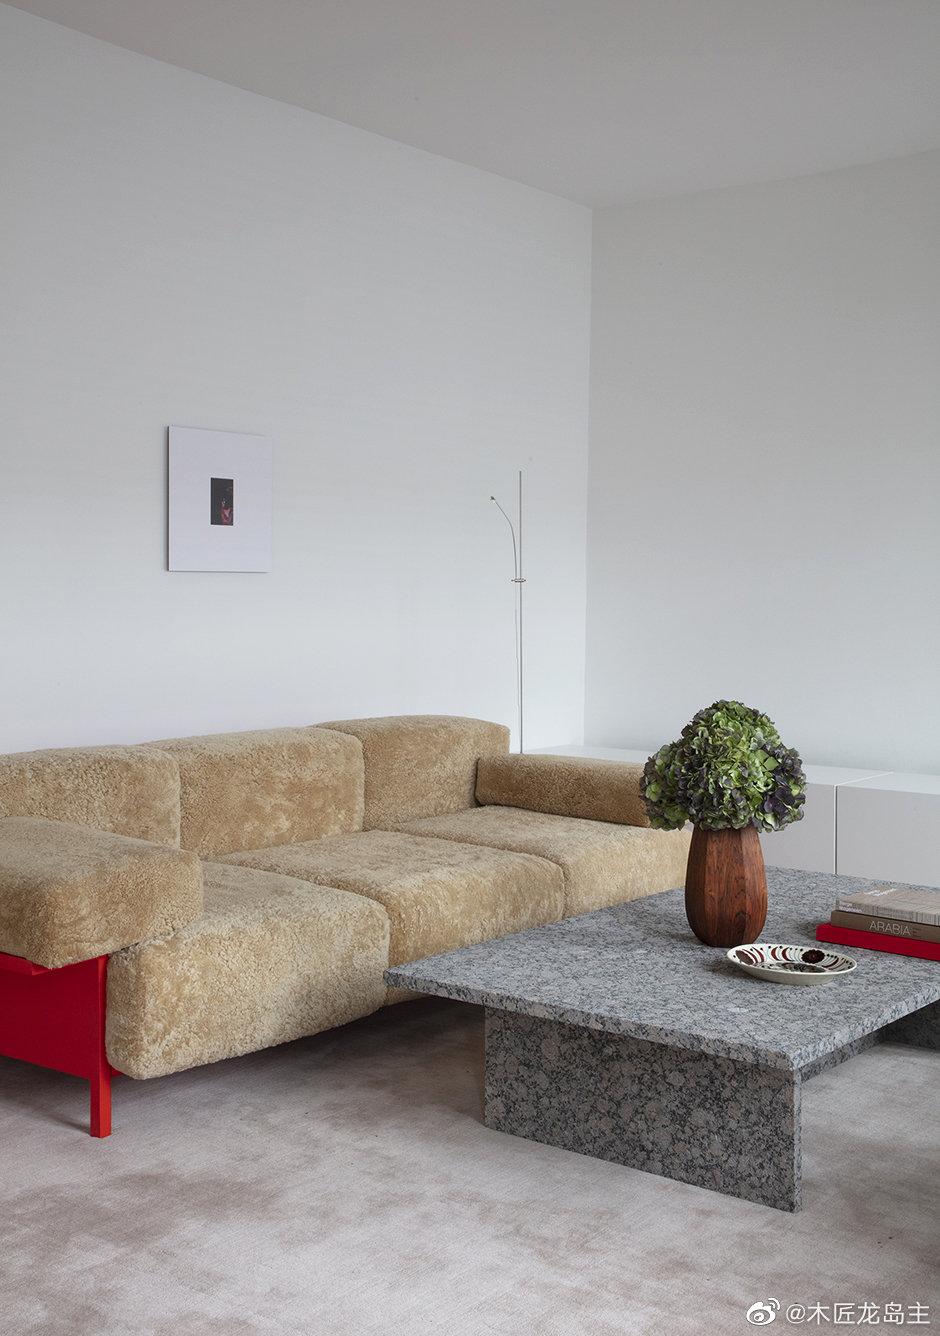 从沙发到厨房的所有事物都是由哥本哈根家的建筑师设计 在使用恰到好